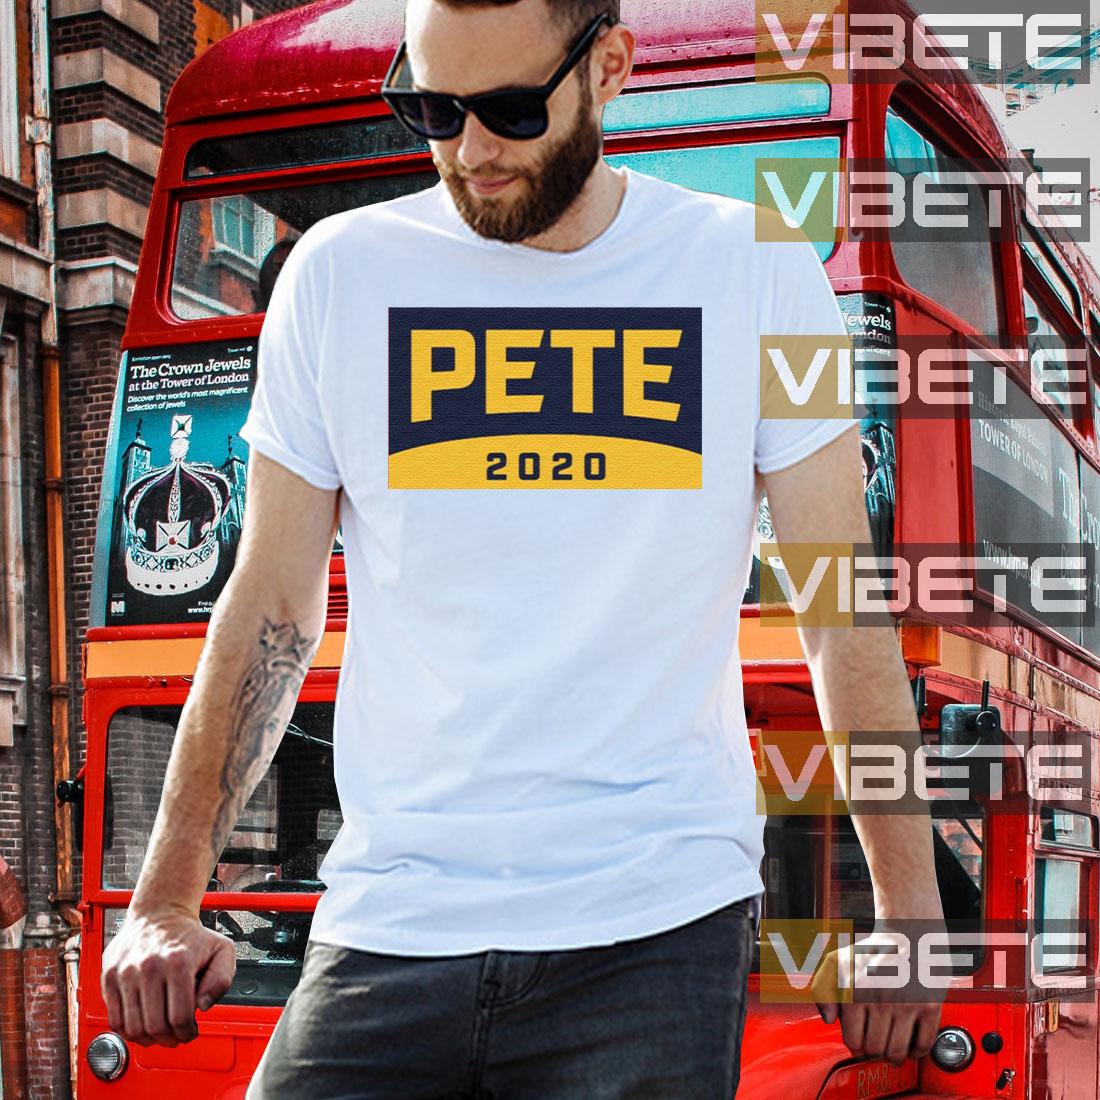 Pete For America 2020 TShirt